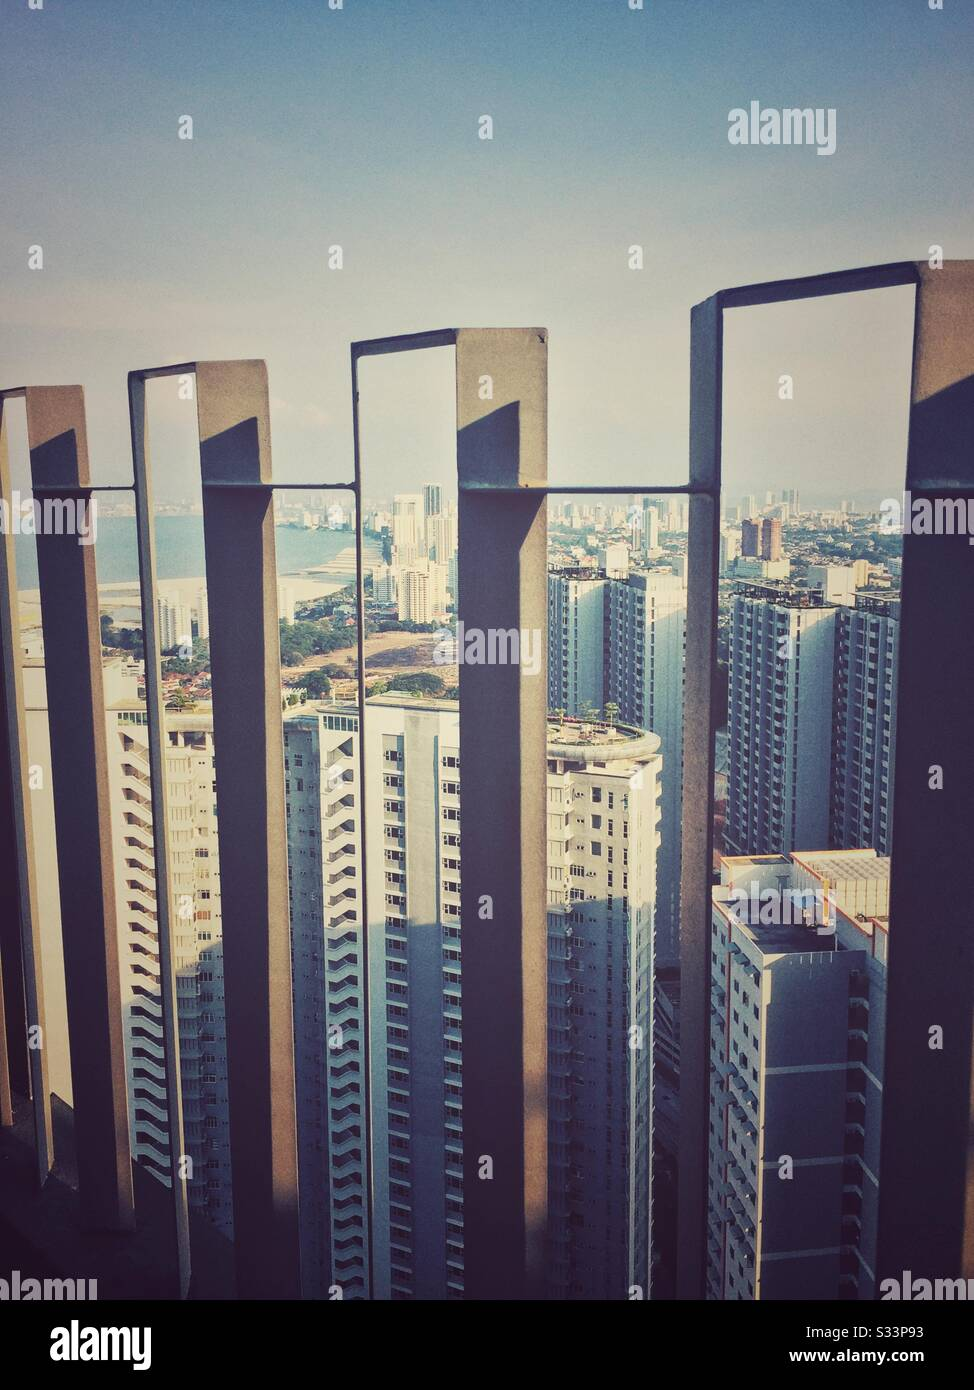 Vue sur l'île en haut du bâtiment de grande hauteur. Banque D'Images